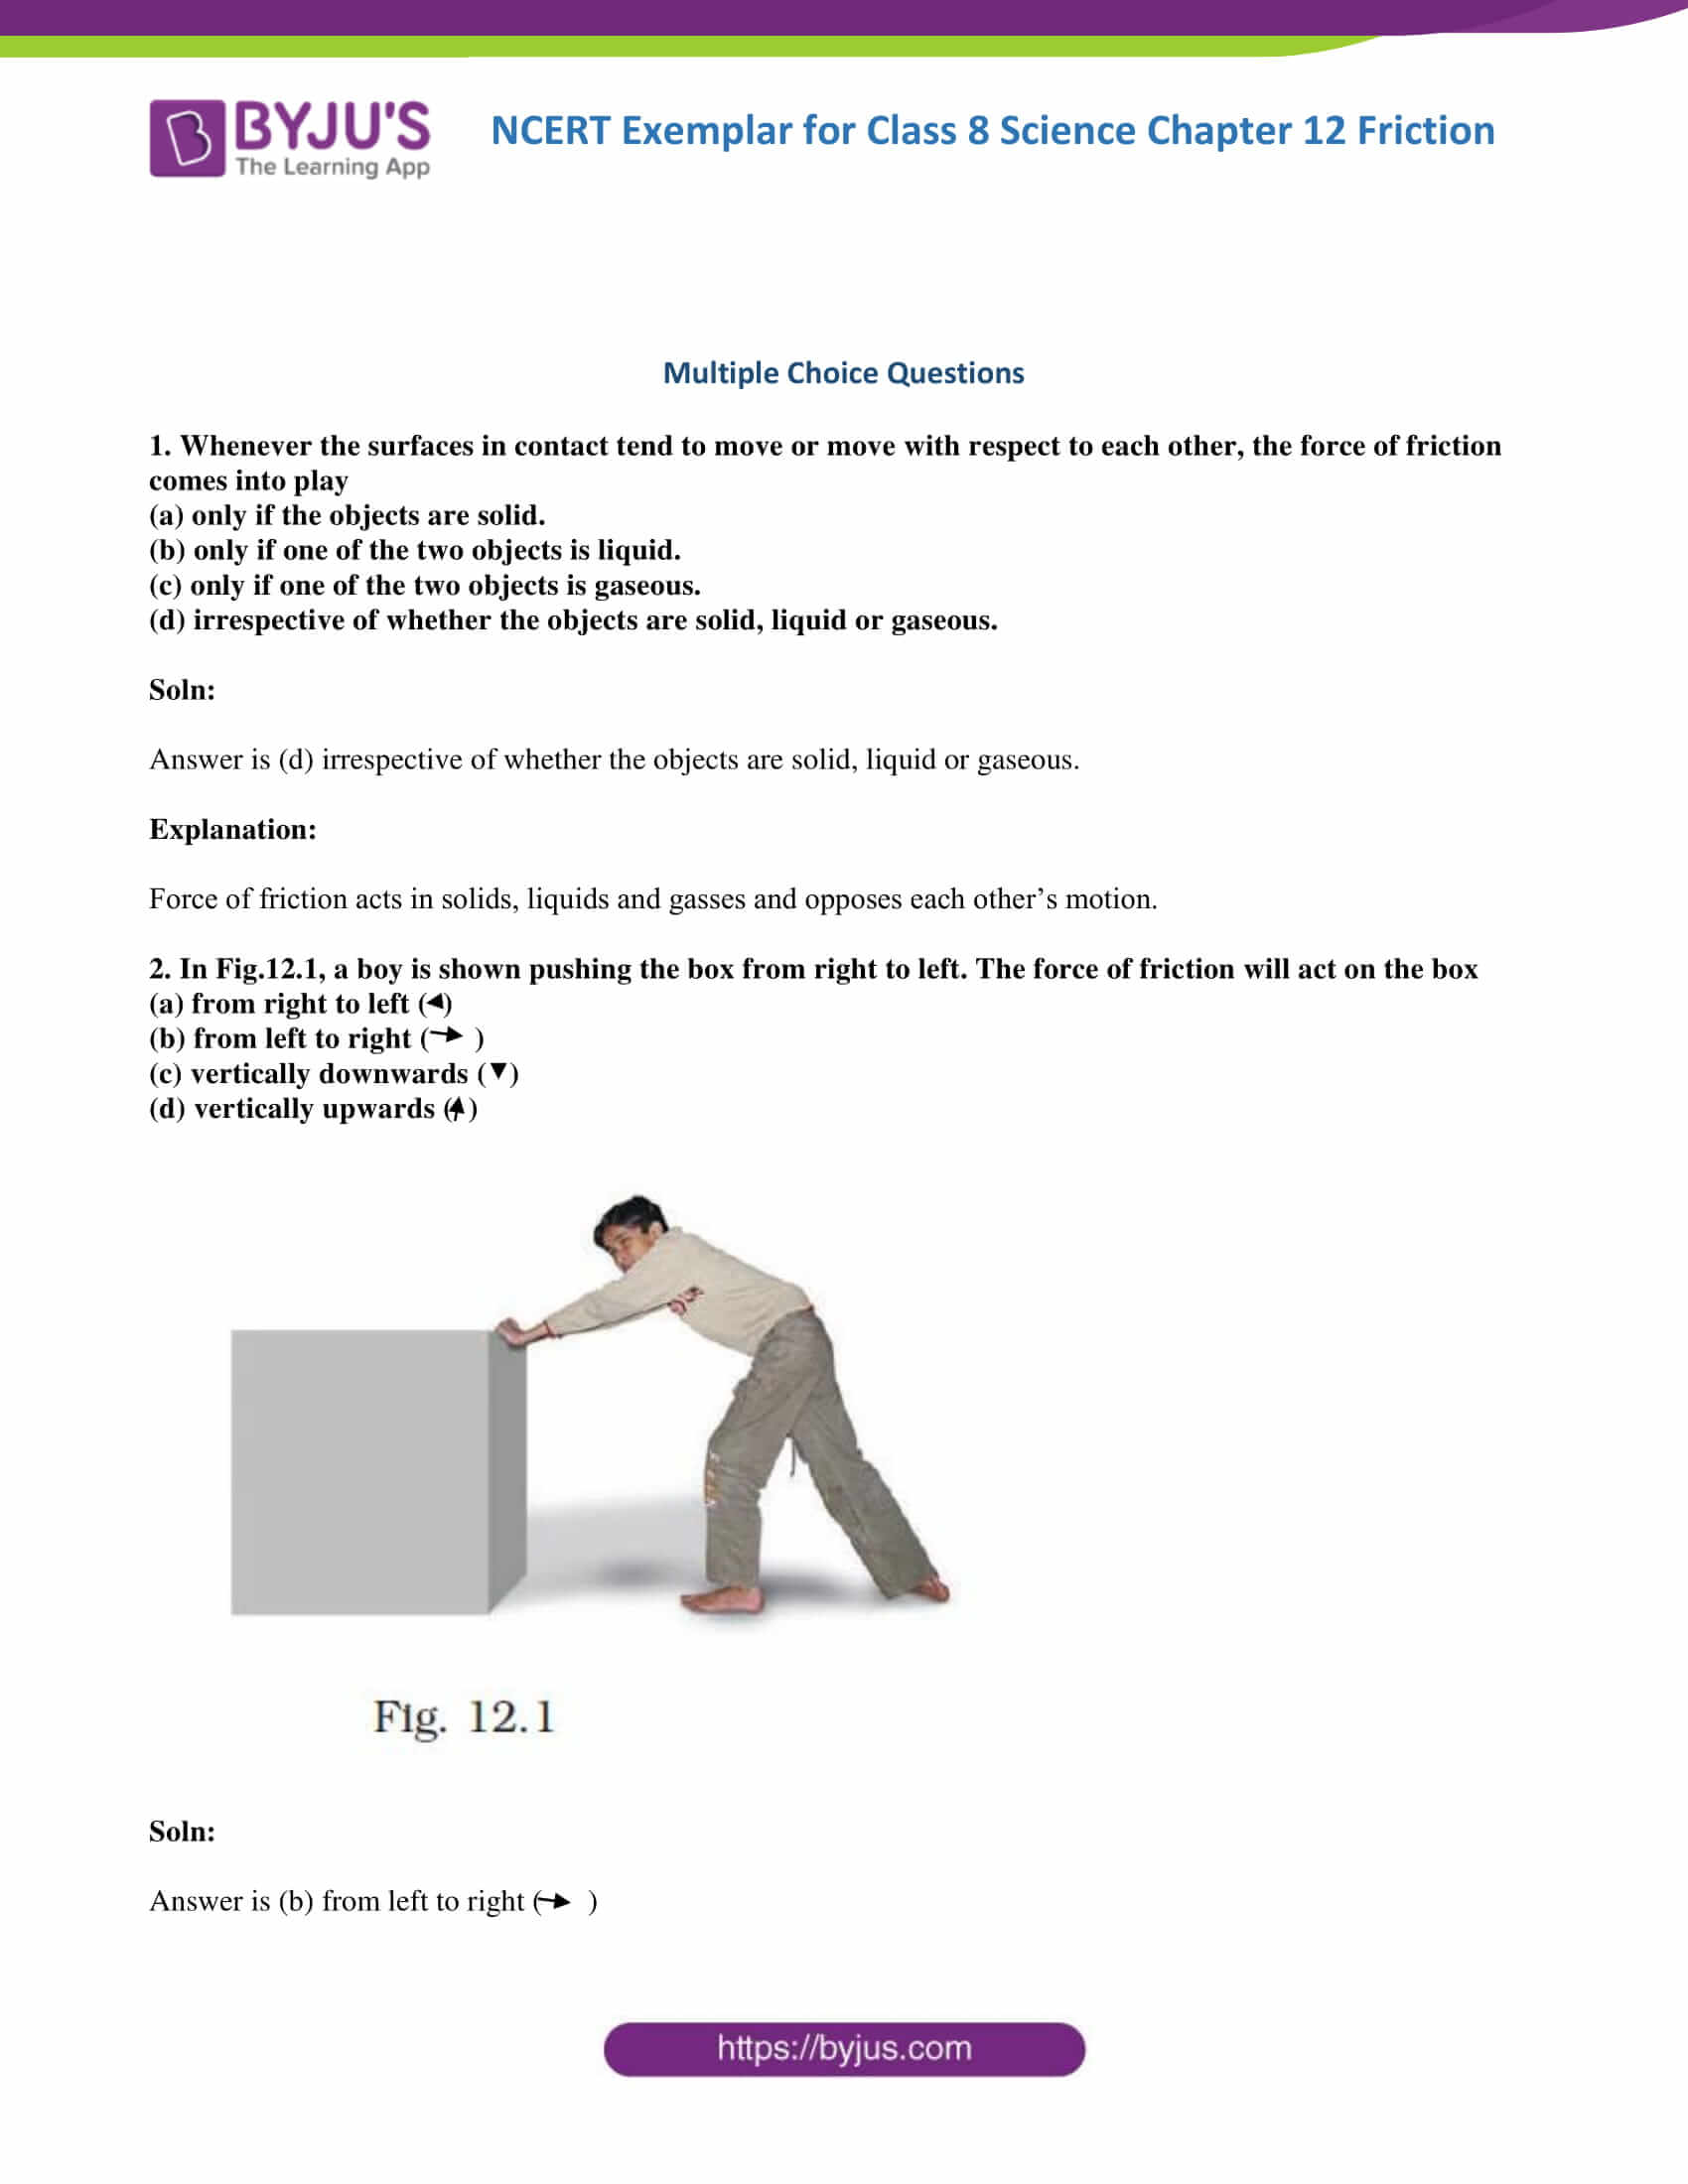 NCERT Exemplar solution class 8 Science Chapter 12 part 1